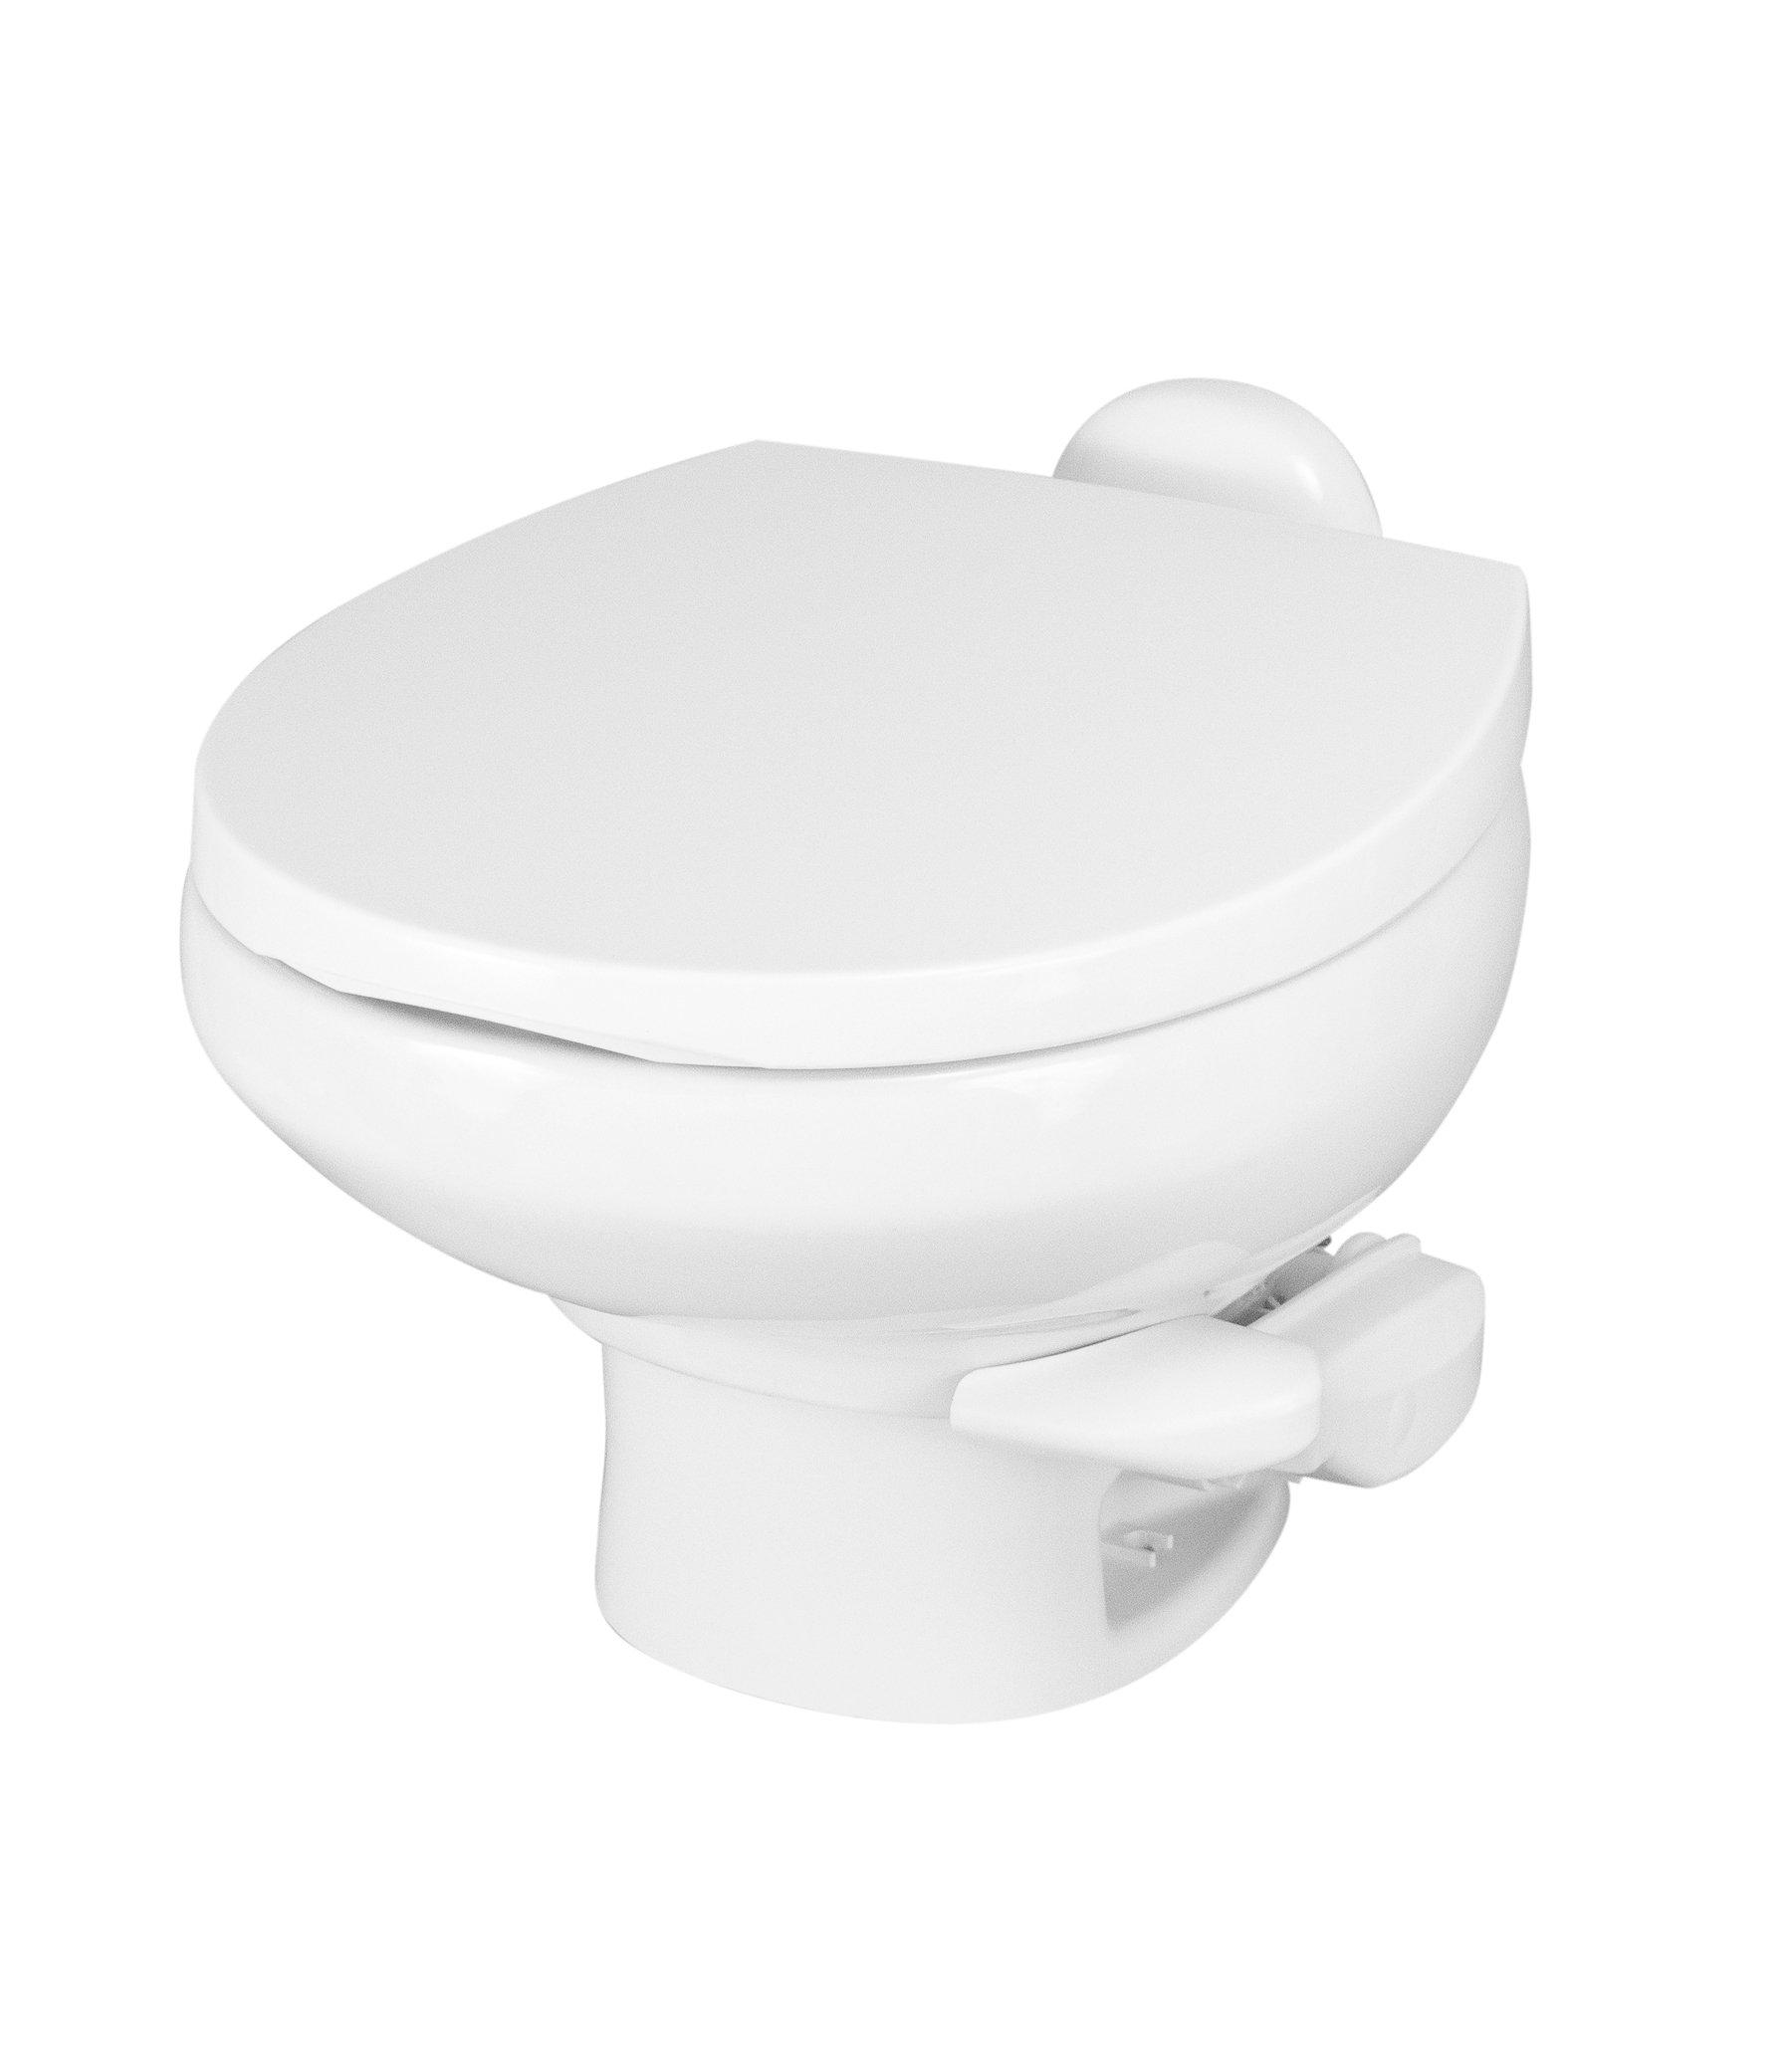 Aqua Magic Style II RV Toilet  / Low Profile / White - Thetford 42059